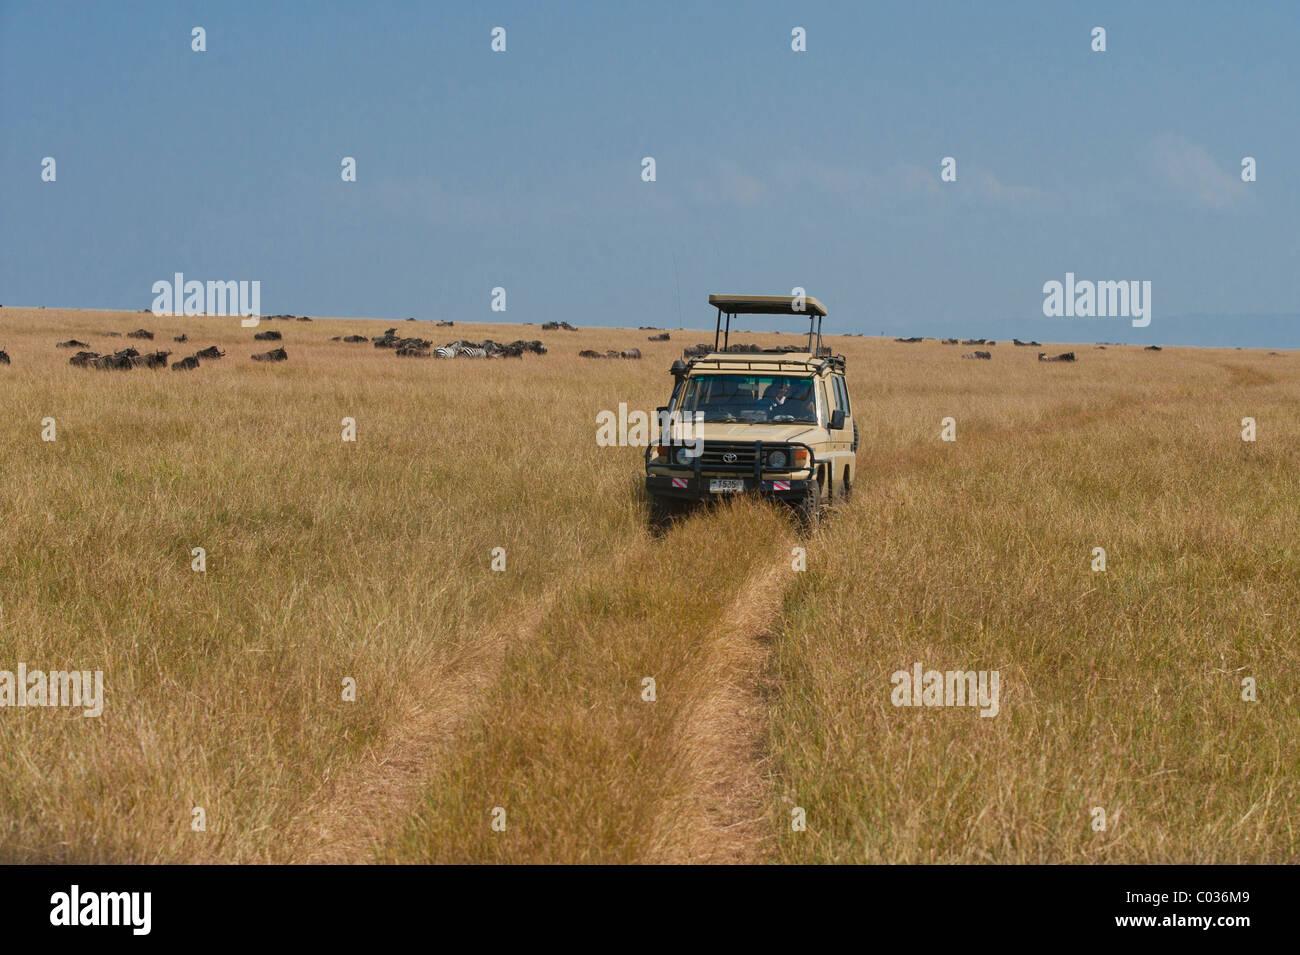 Véhicule hors route dans le Serengeti, safari, safari, Tanzanie, Afrique du Sud Banque D'Images